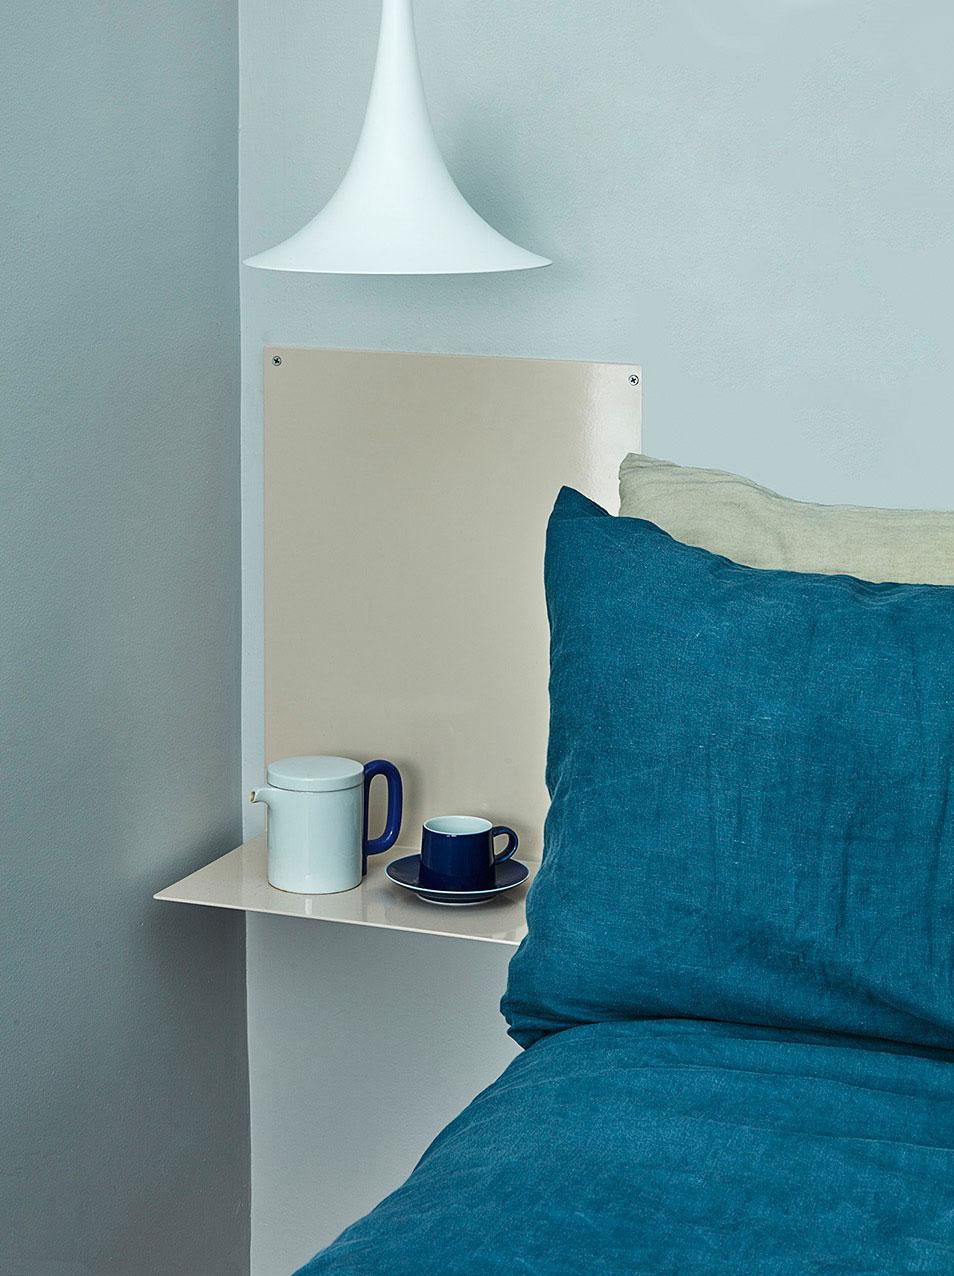 Яркий минимализм: преображение апартаментов для аренды в Австралии